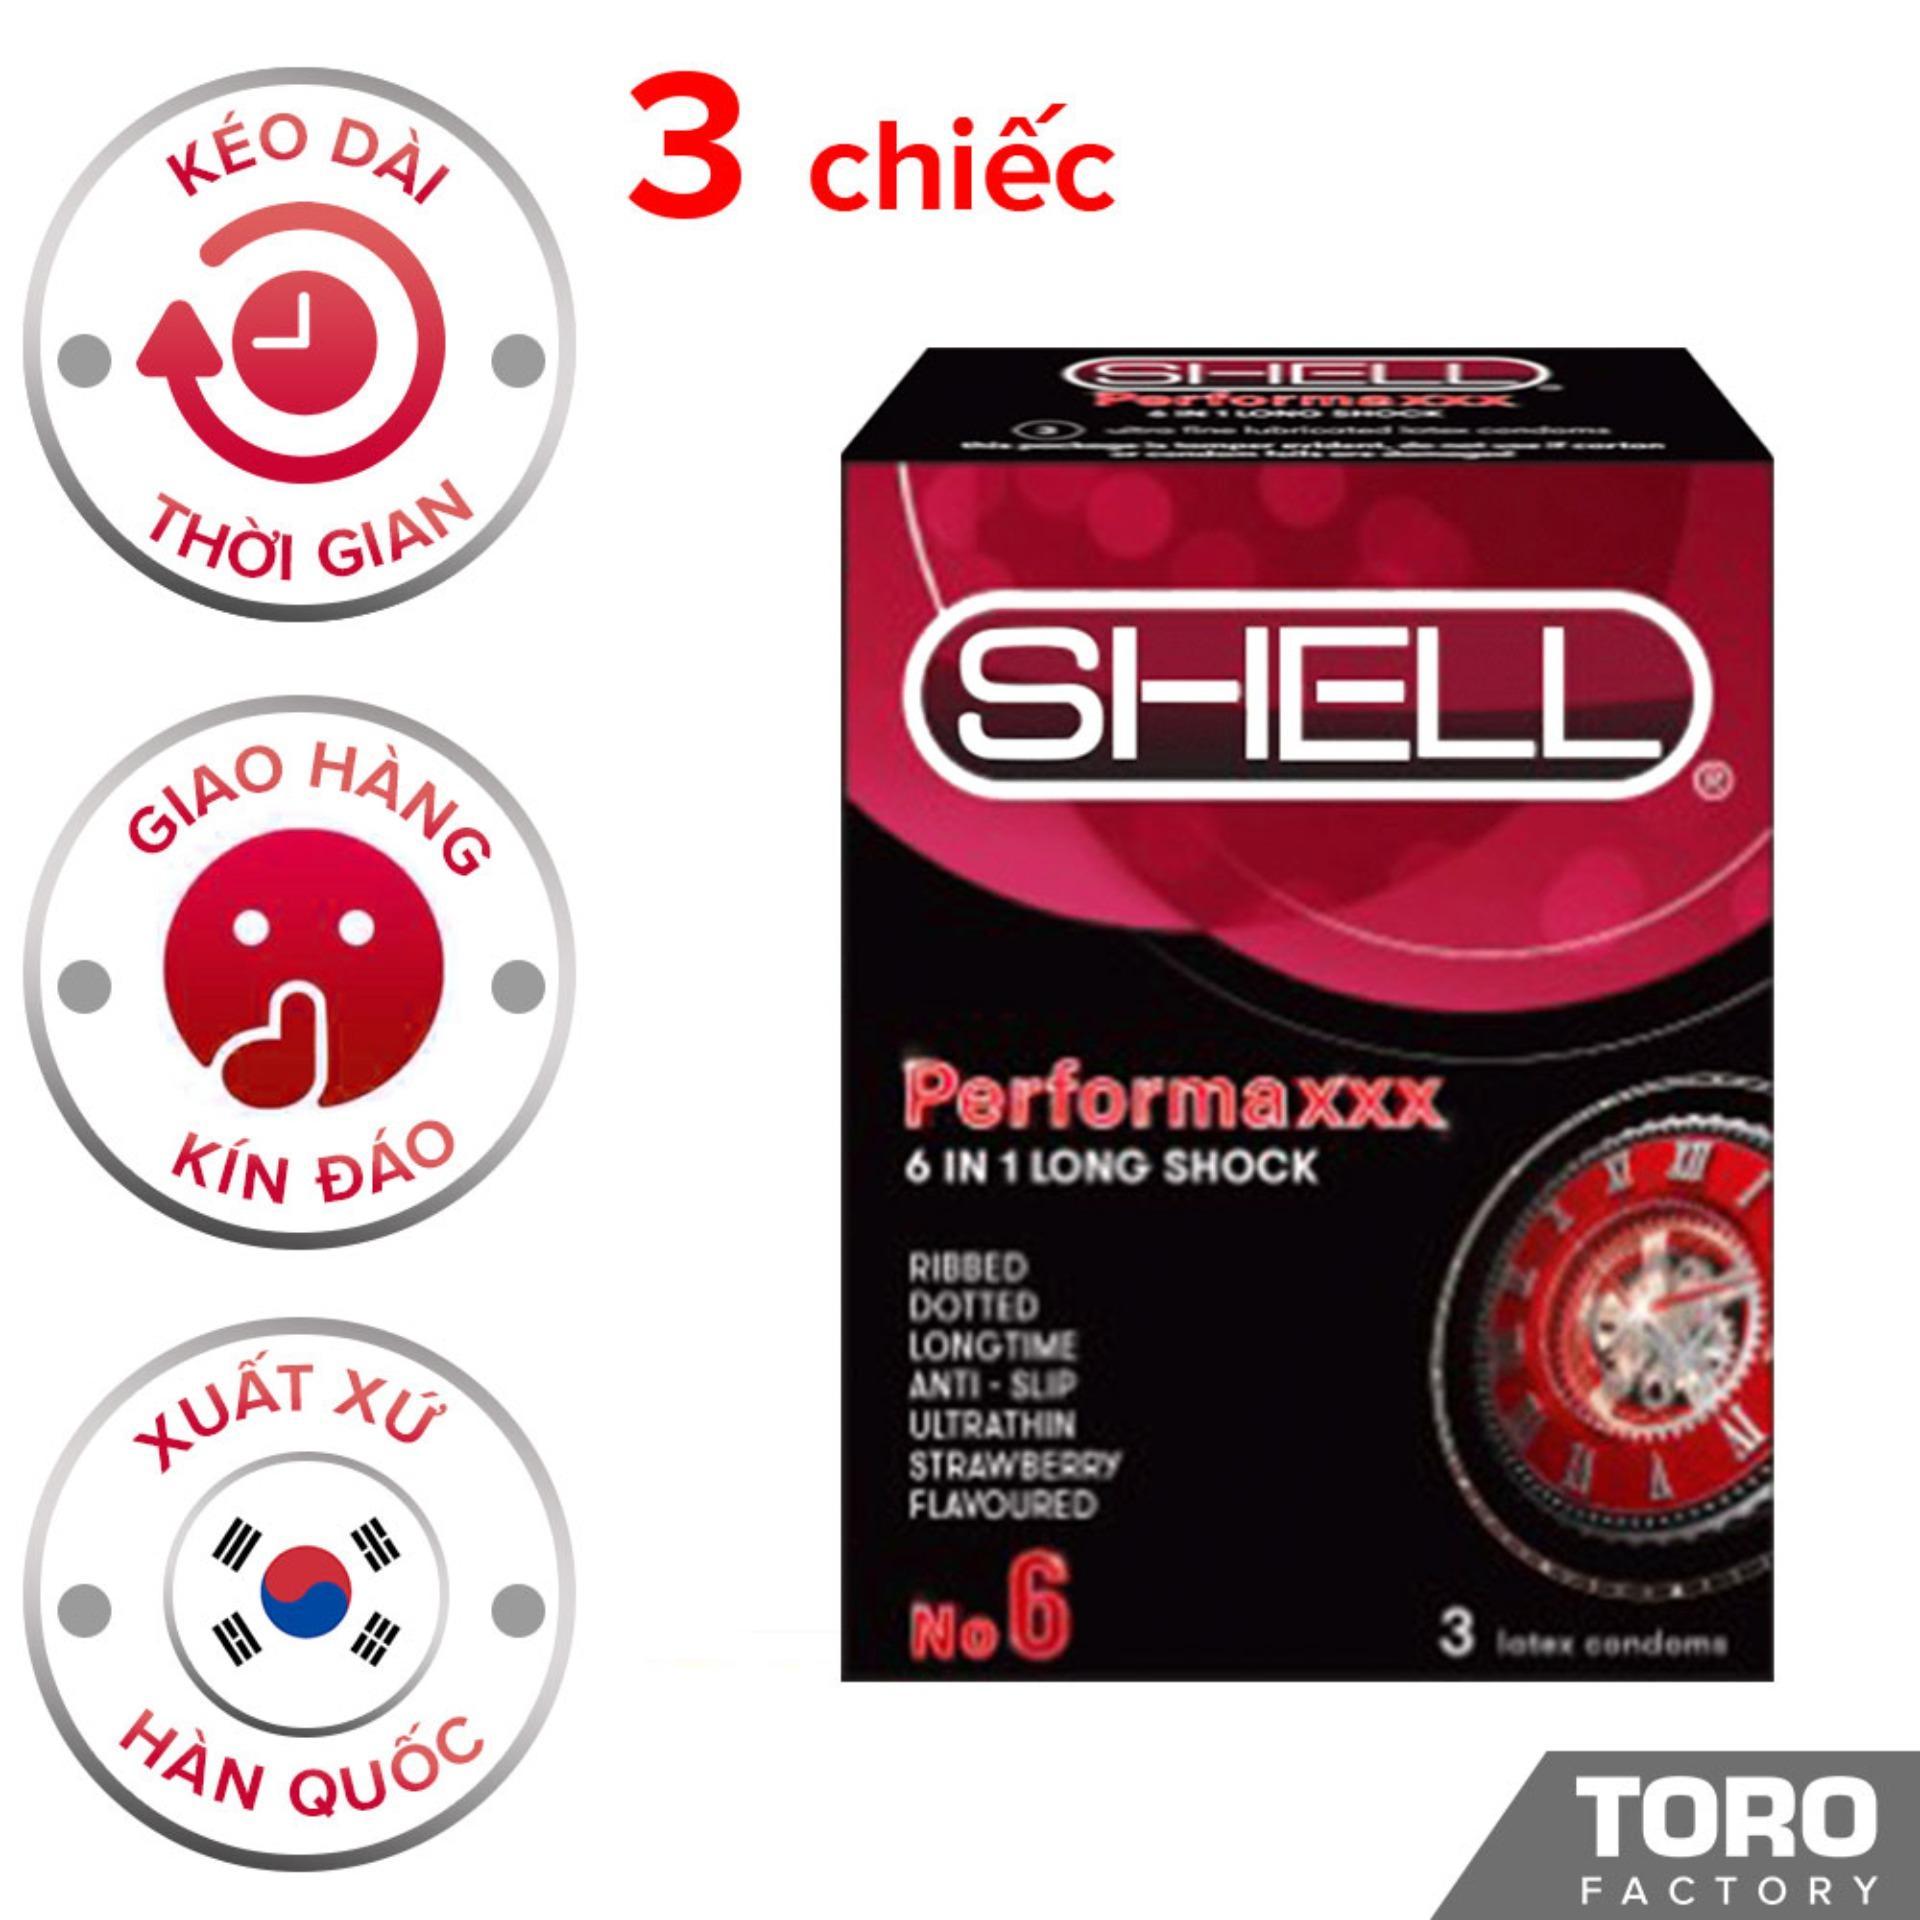 Bao Cao Su cao cấp Hàn Quốc Shell Premium 6 In 1 - Bao cao su kéo dài thời gian , gân gai li ti , trị xuất tinh sớm,bao cao su chính hãng - ( 3 chiếc) - [TORO] nhập khẩu